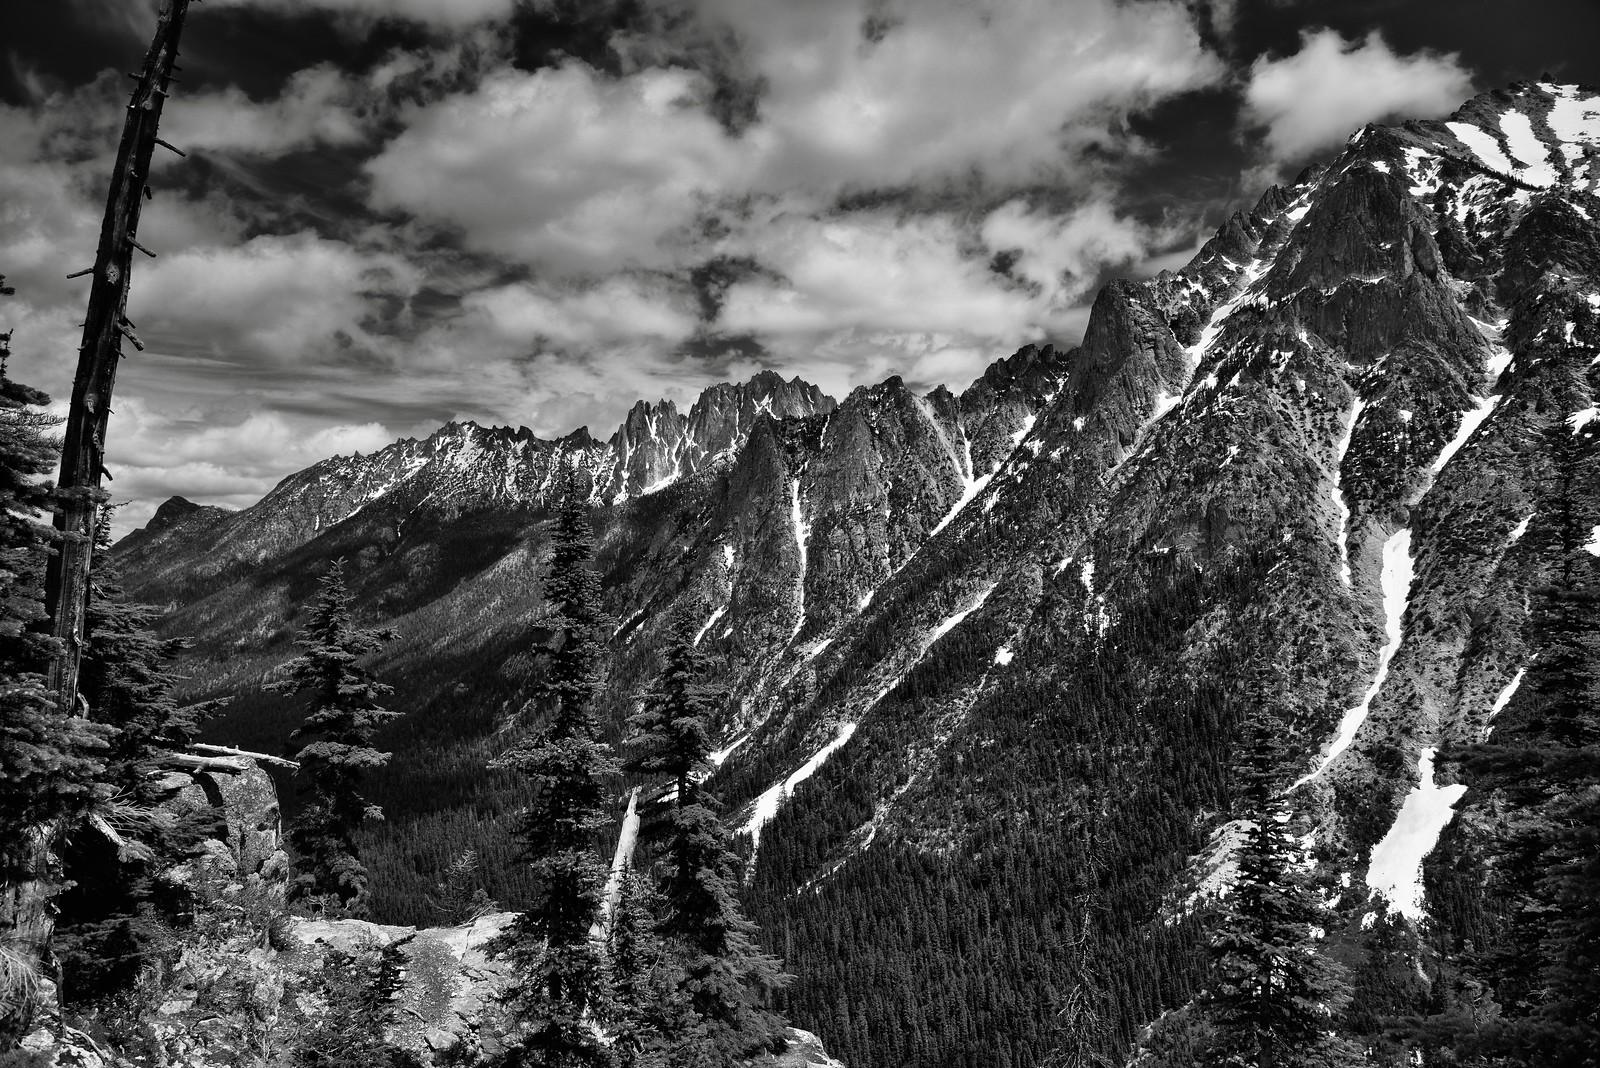 Mountain Peaks Beyond Some Nearby Trees (Black & White)